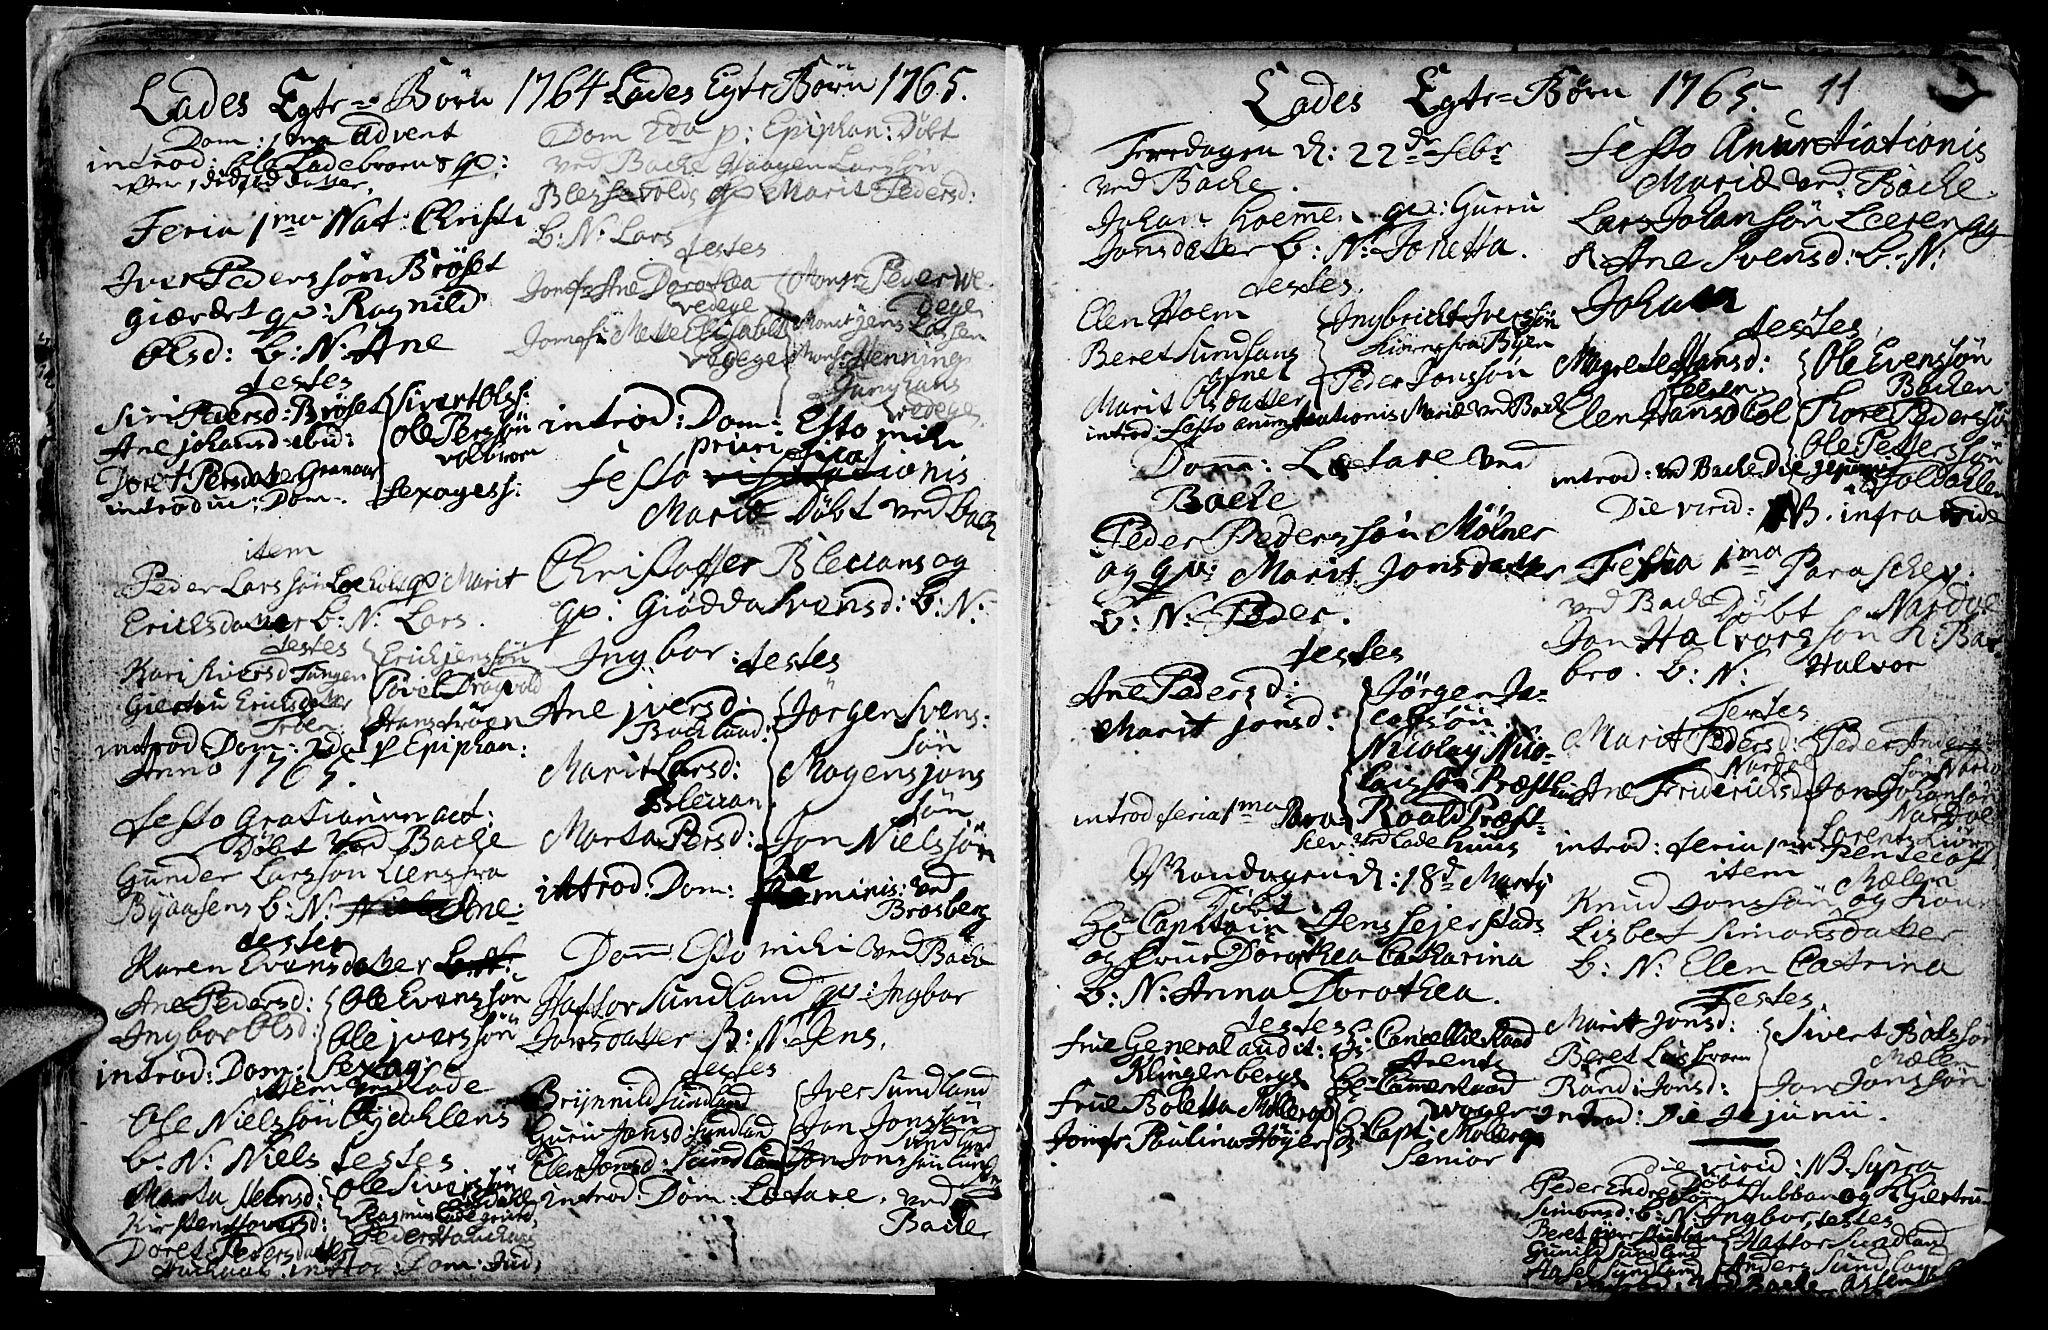 SAT, Ministerialprotokoller, klokkerbøker og fødselsregistre - Sør-Trøndelag, 606/L0305: Klokkerbok nr. 606C01, 1757-1819, s. 11